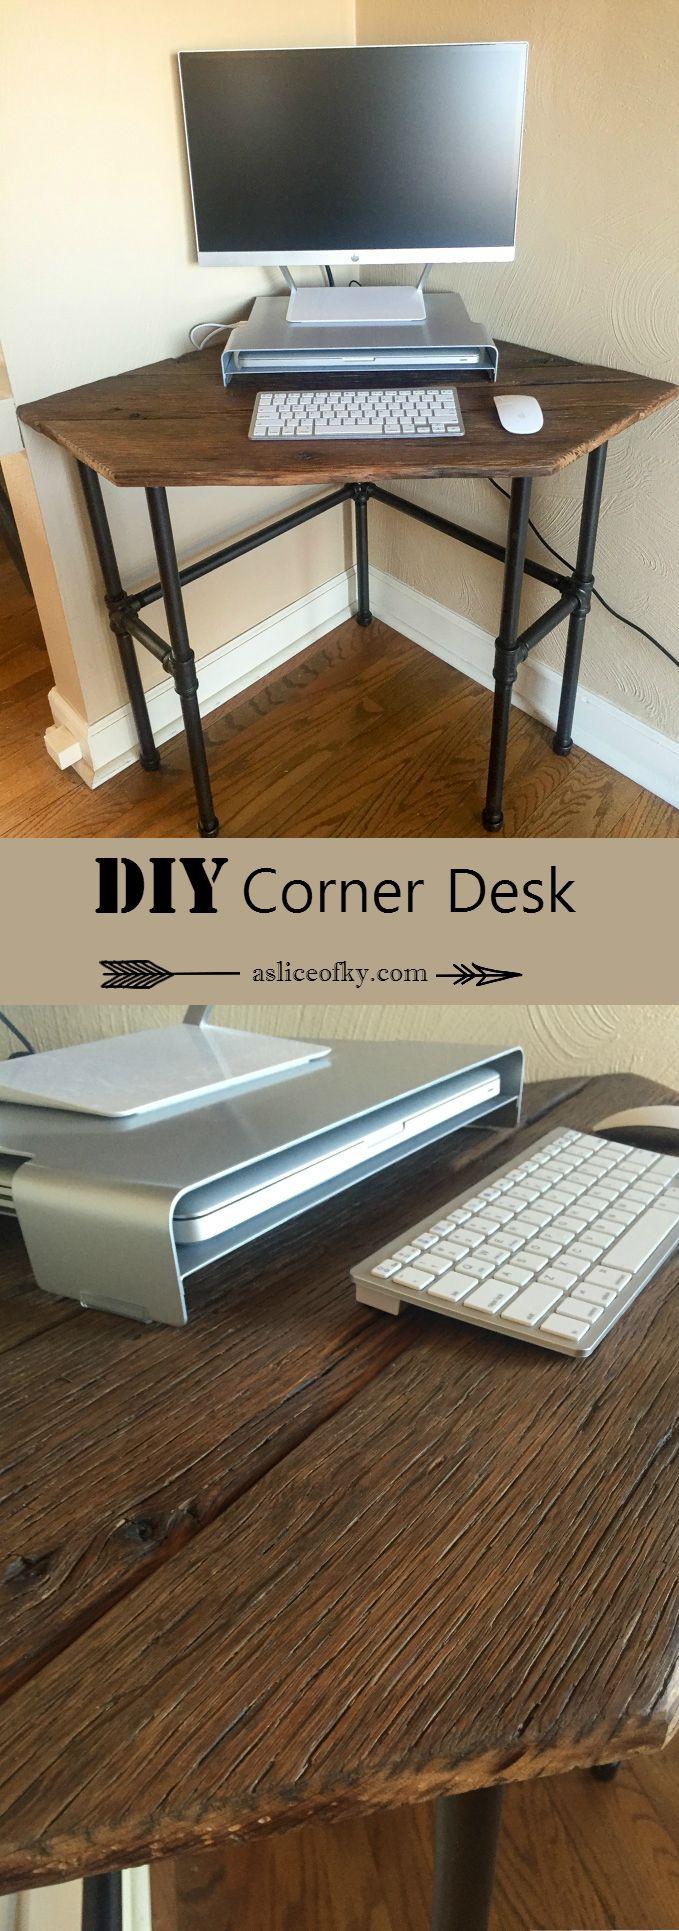 25 best ideas about small corner desk on pinterest white corner desk small bedroom office - Small corner desk ideas ...